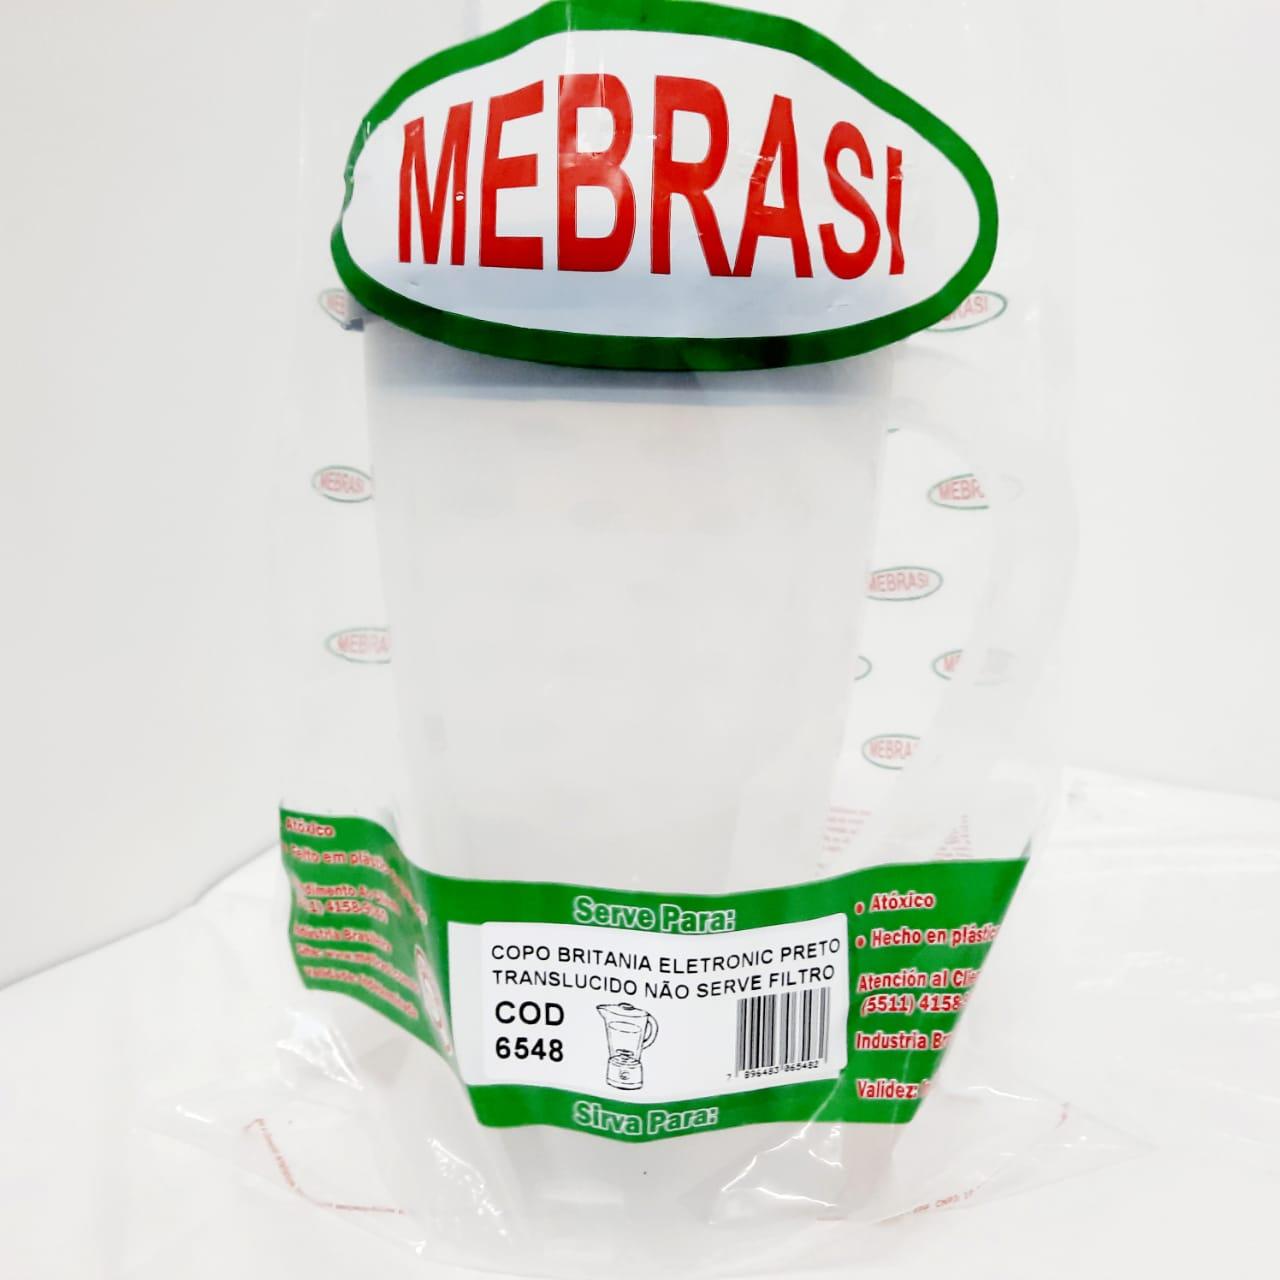 Copo Britânia Translúcido ELETR PTO - Mebrasi